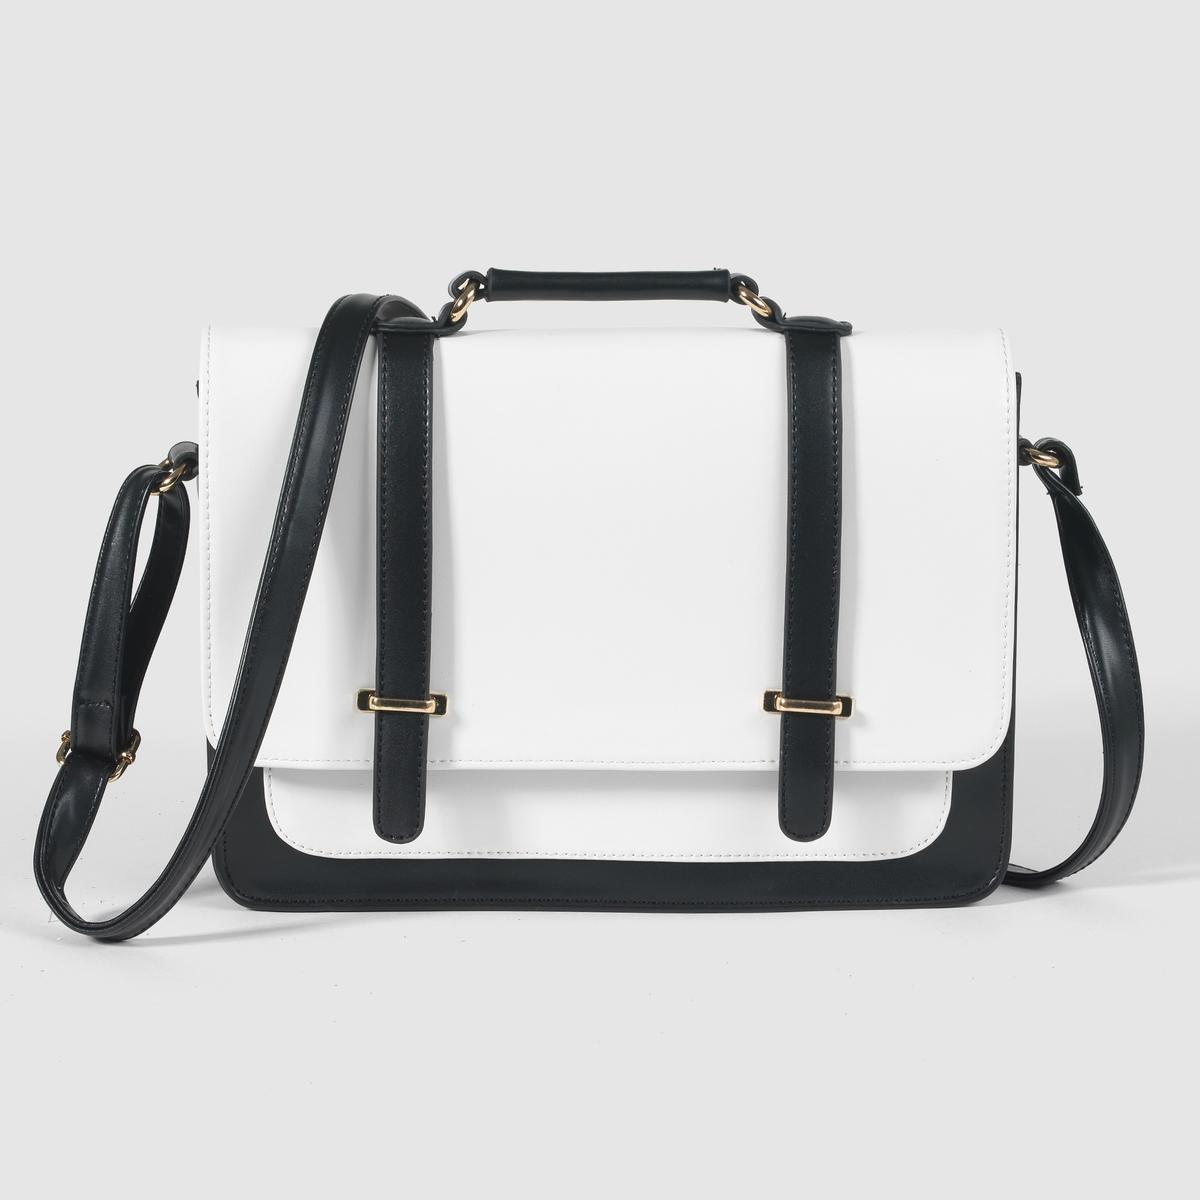 Сумка - портфельМарка : MADEMOISELLE RРазмеры : 30 x 23 x 8 смВерх : 100% полиуретанПодкладка : 100% полиэстерЗастежка : на магнитной кнопкеКарманы : 1 карман на молнии, 2 кармана для мобильного телефона и 1 накладной карман спередиПлечевой ремень : регулируемый Преимущества : стильная сумка, необходимая для работы или для прогулок по городу.<br><br>Цвет: черный/ белый